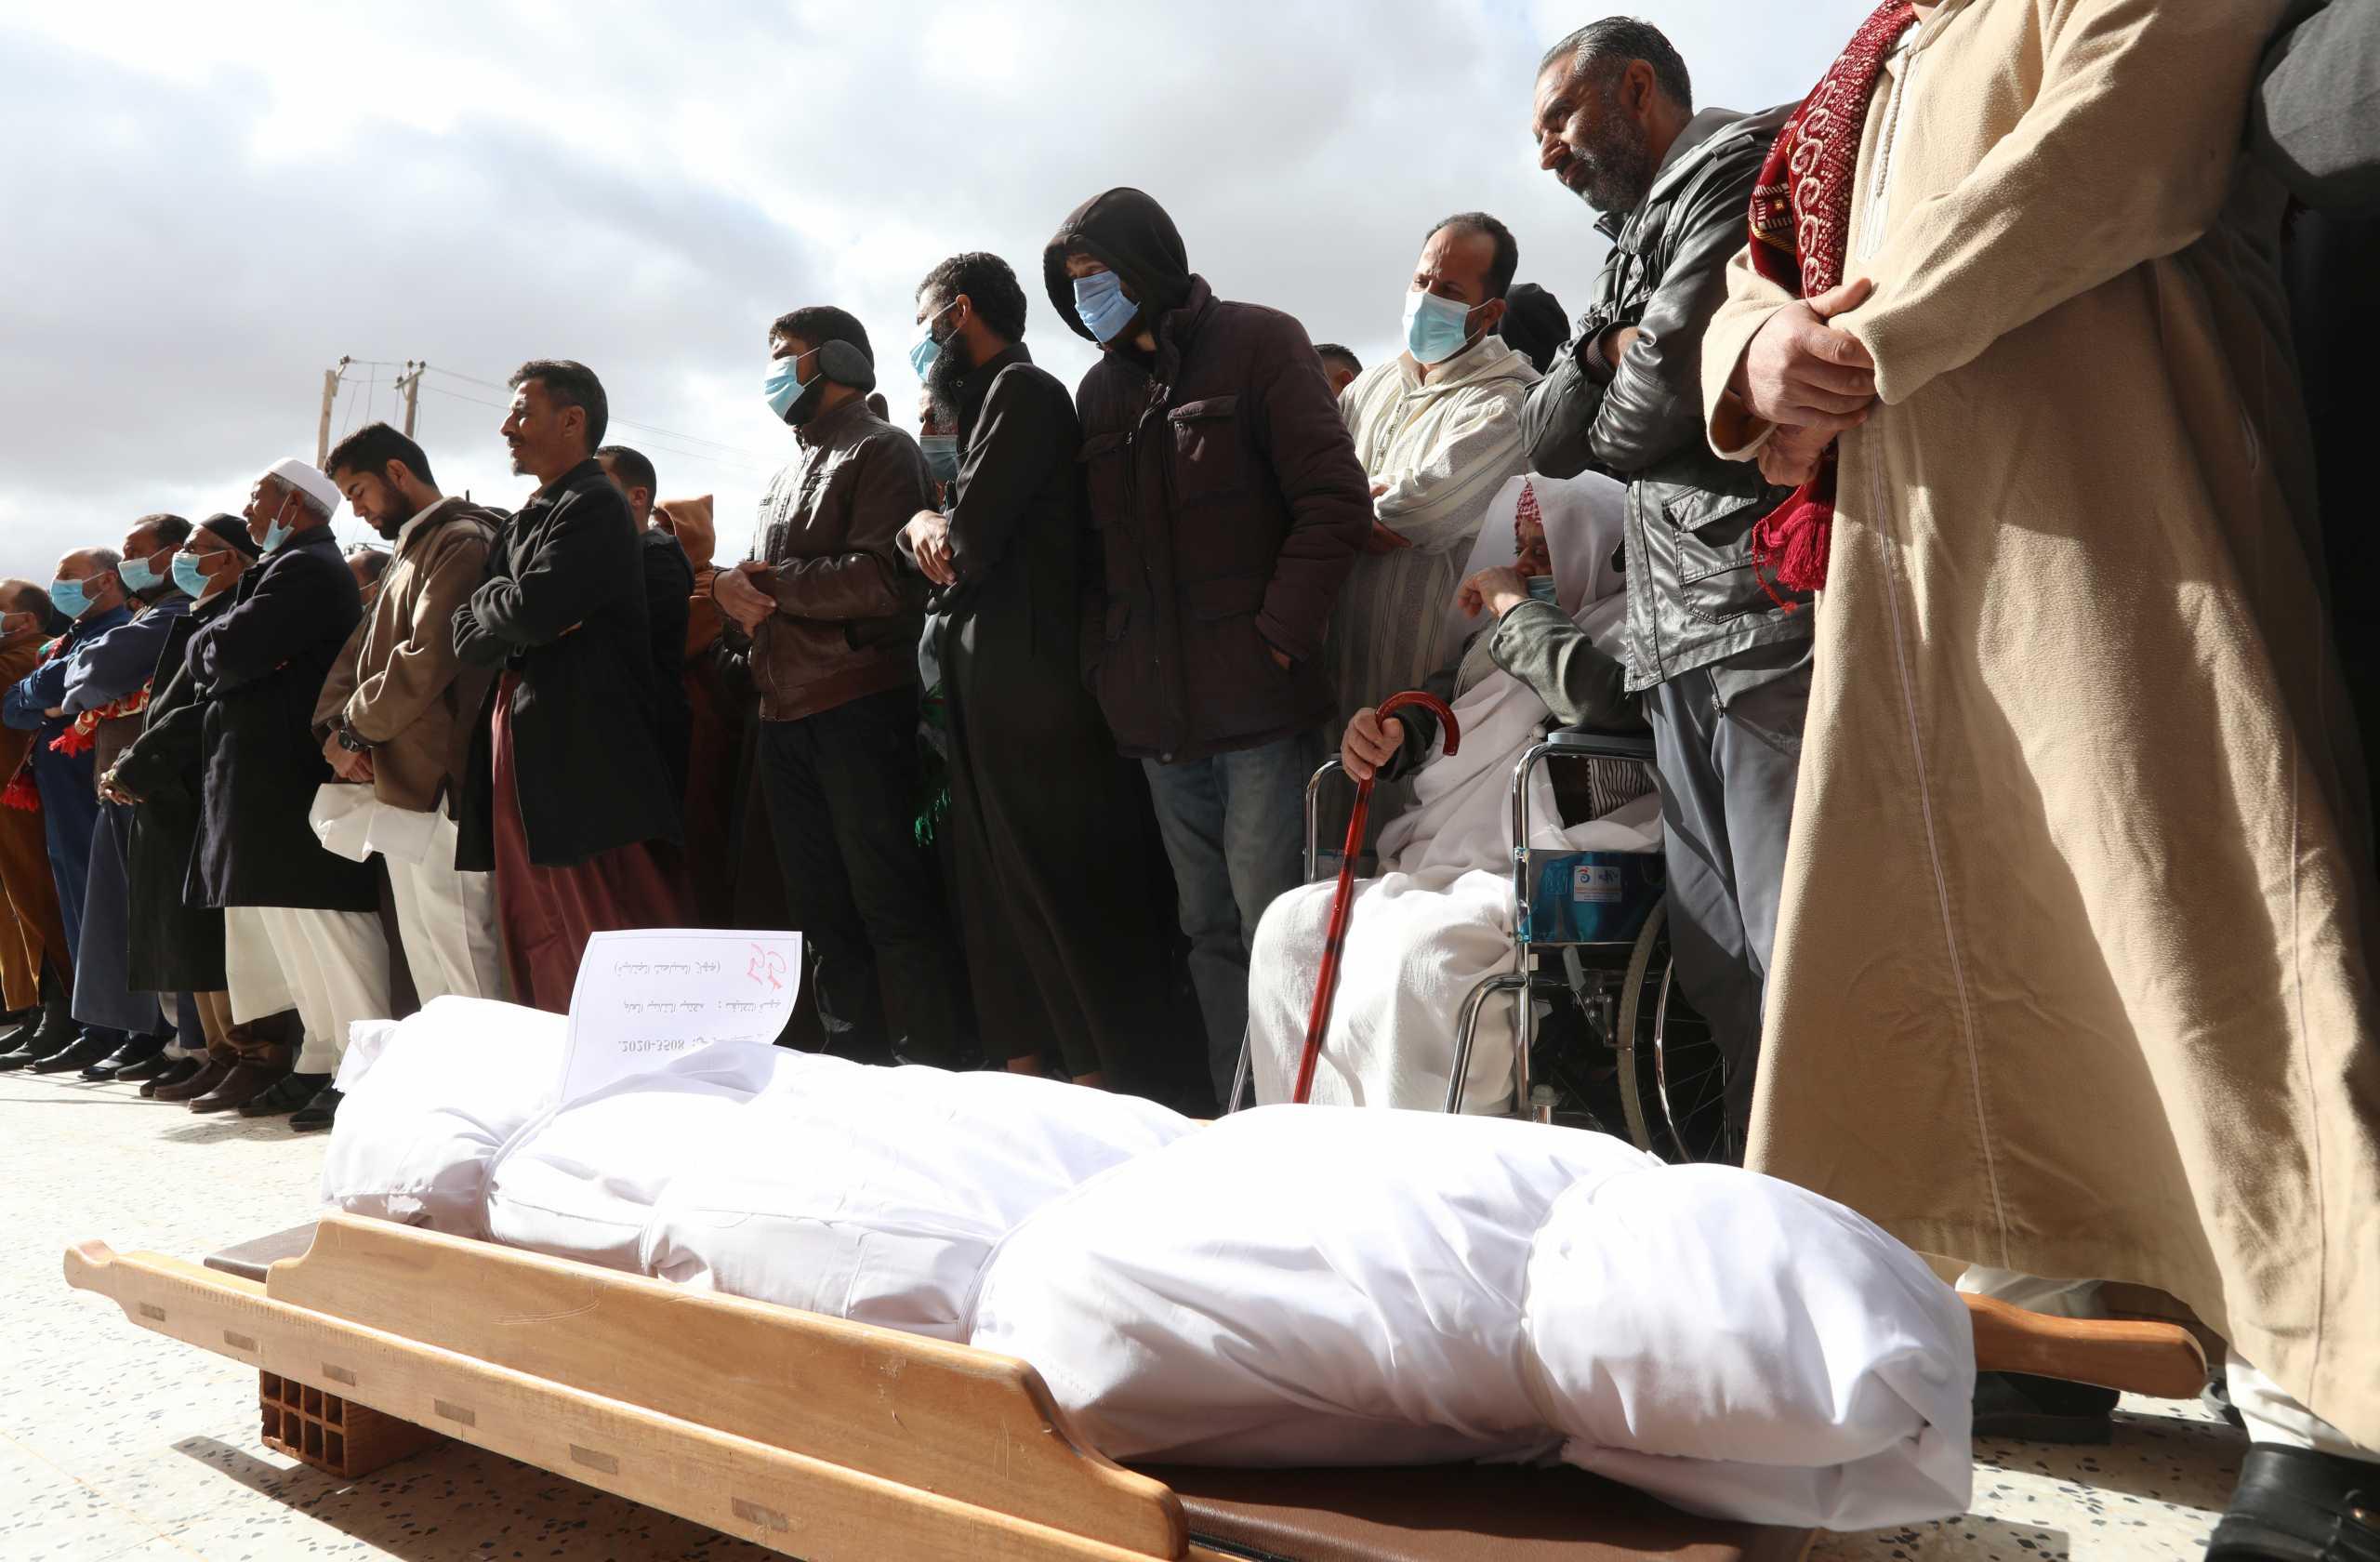 Λιβύη: 10 πτώματα που δεν έχουν αναγνωρισθεί ανασύρθηκαν από ομαδικό τάφο στην Ταρχούνα (pics)